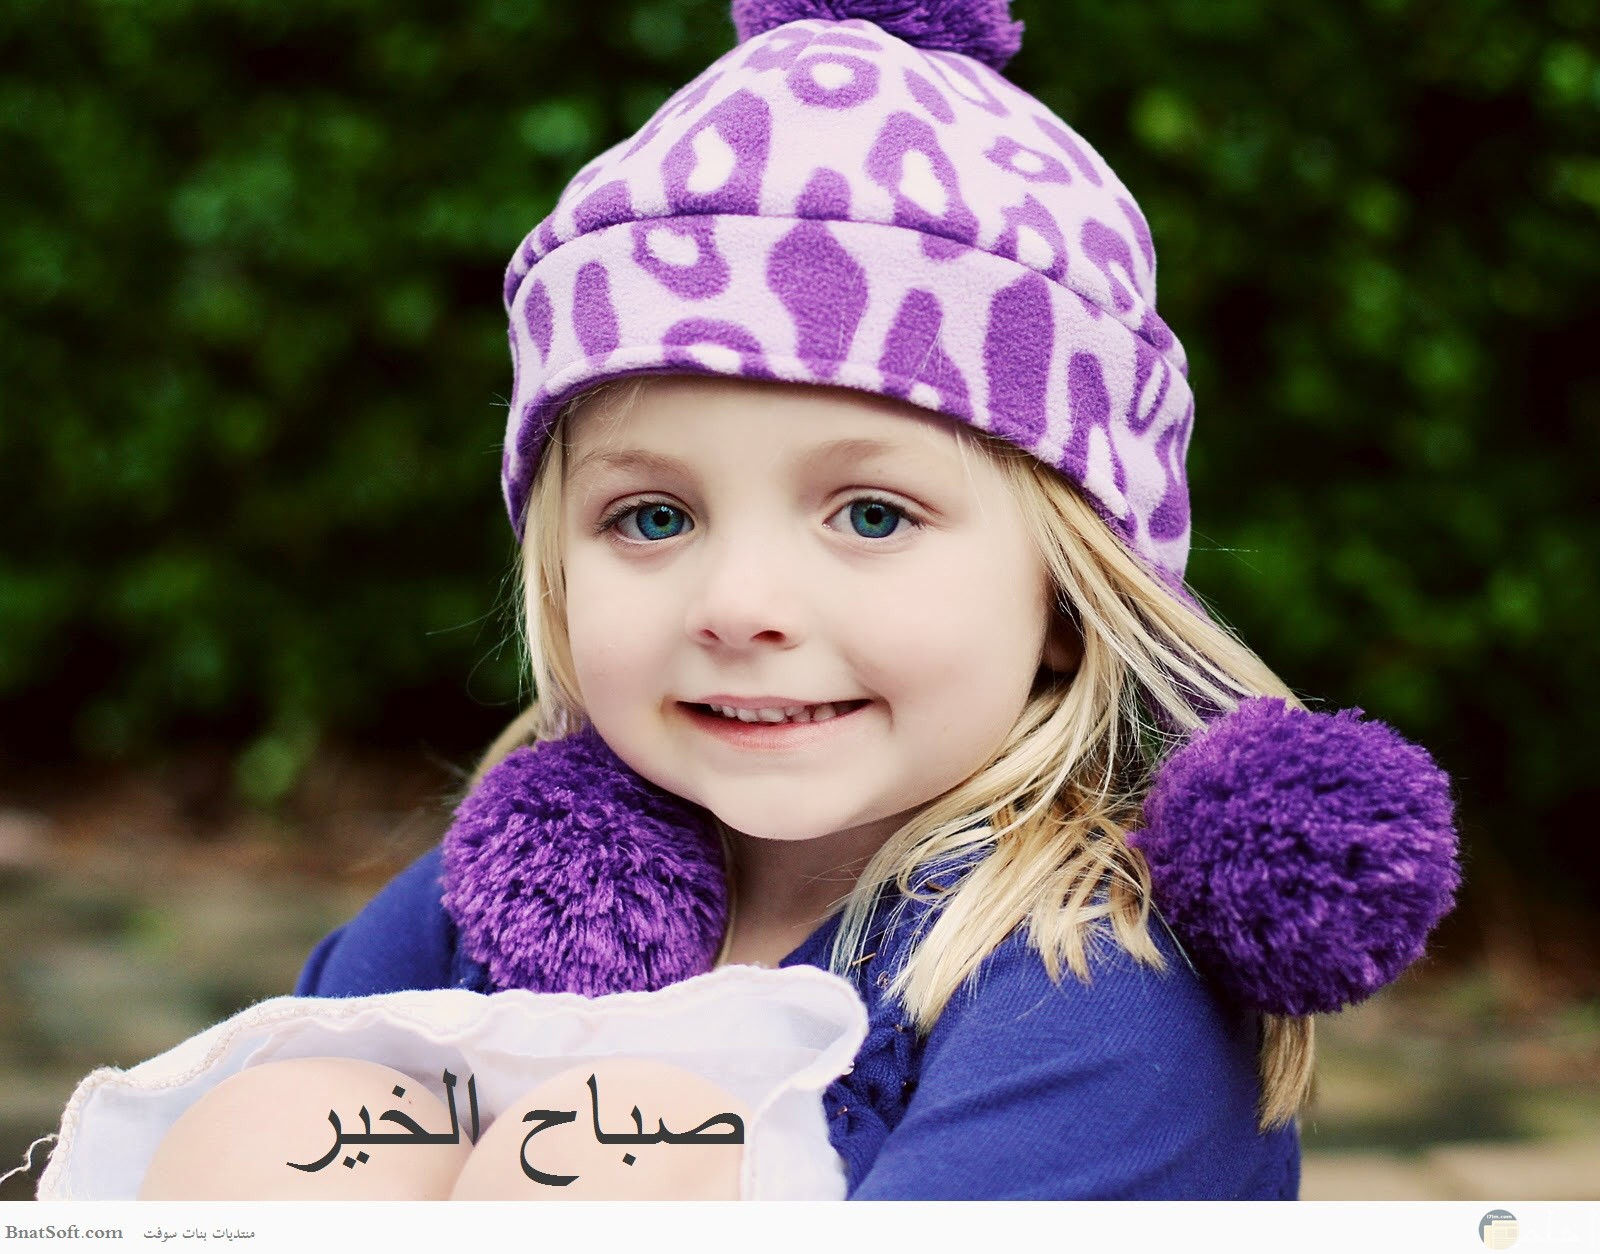 صورة بنت تقول صباح الخير.